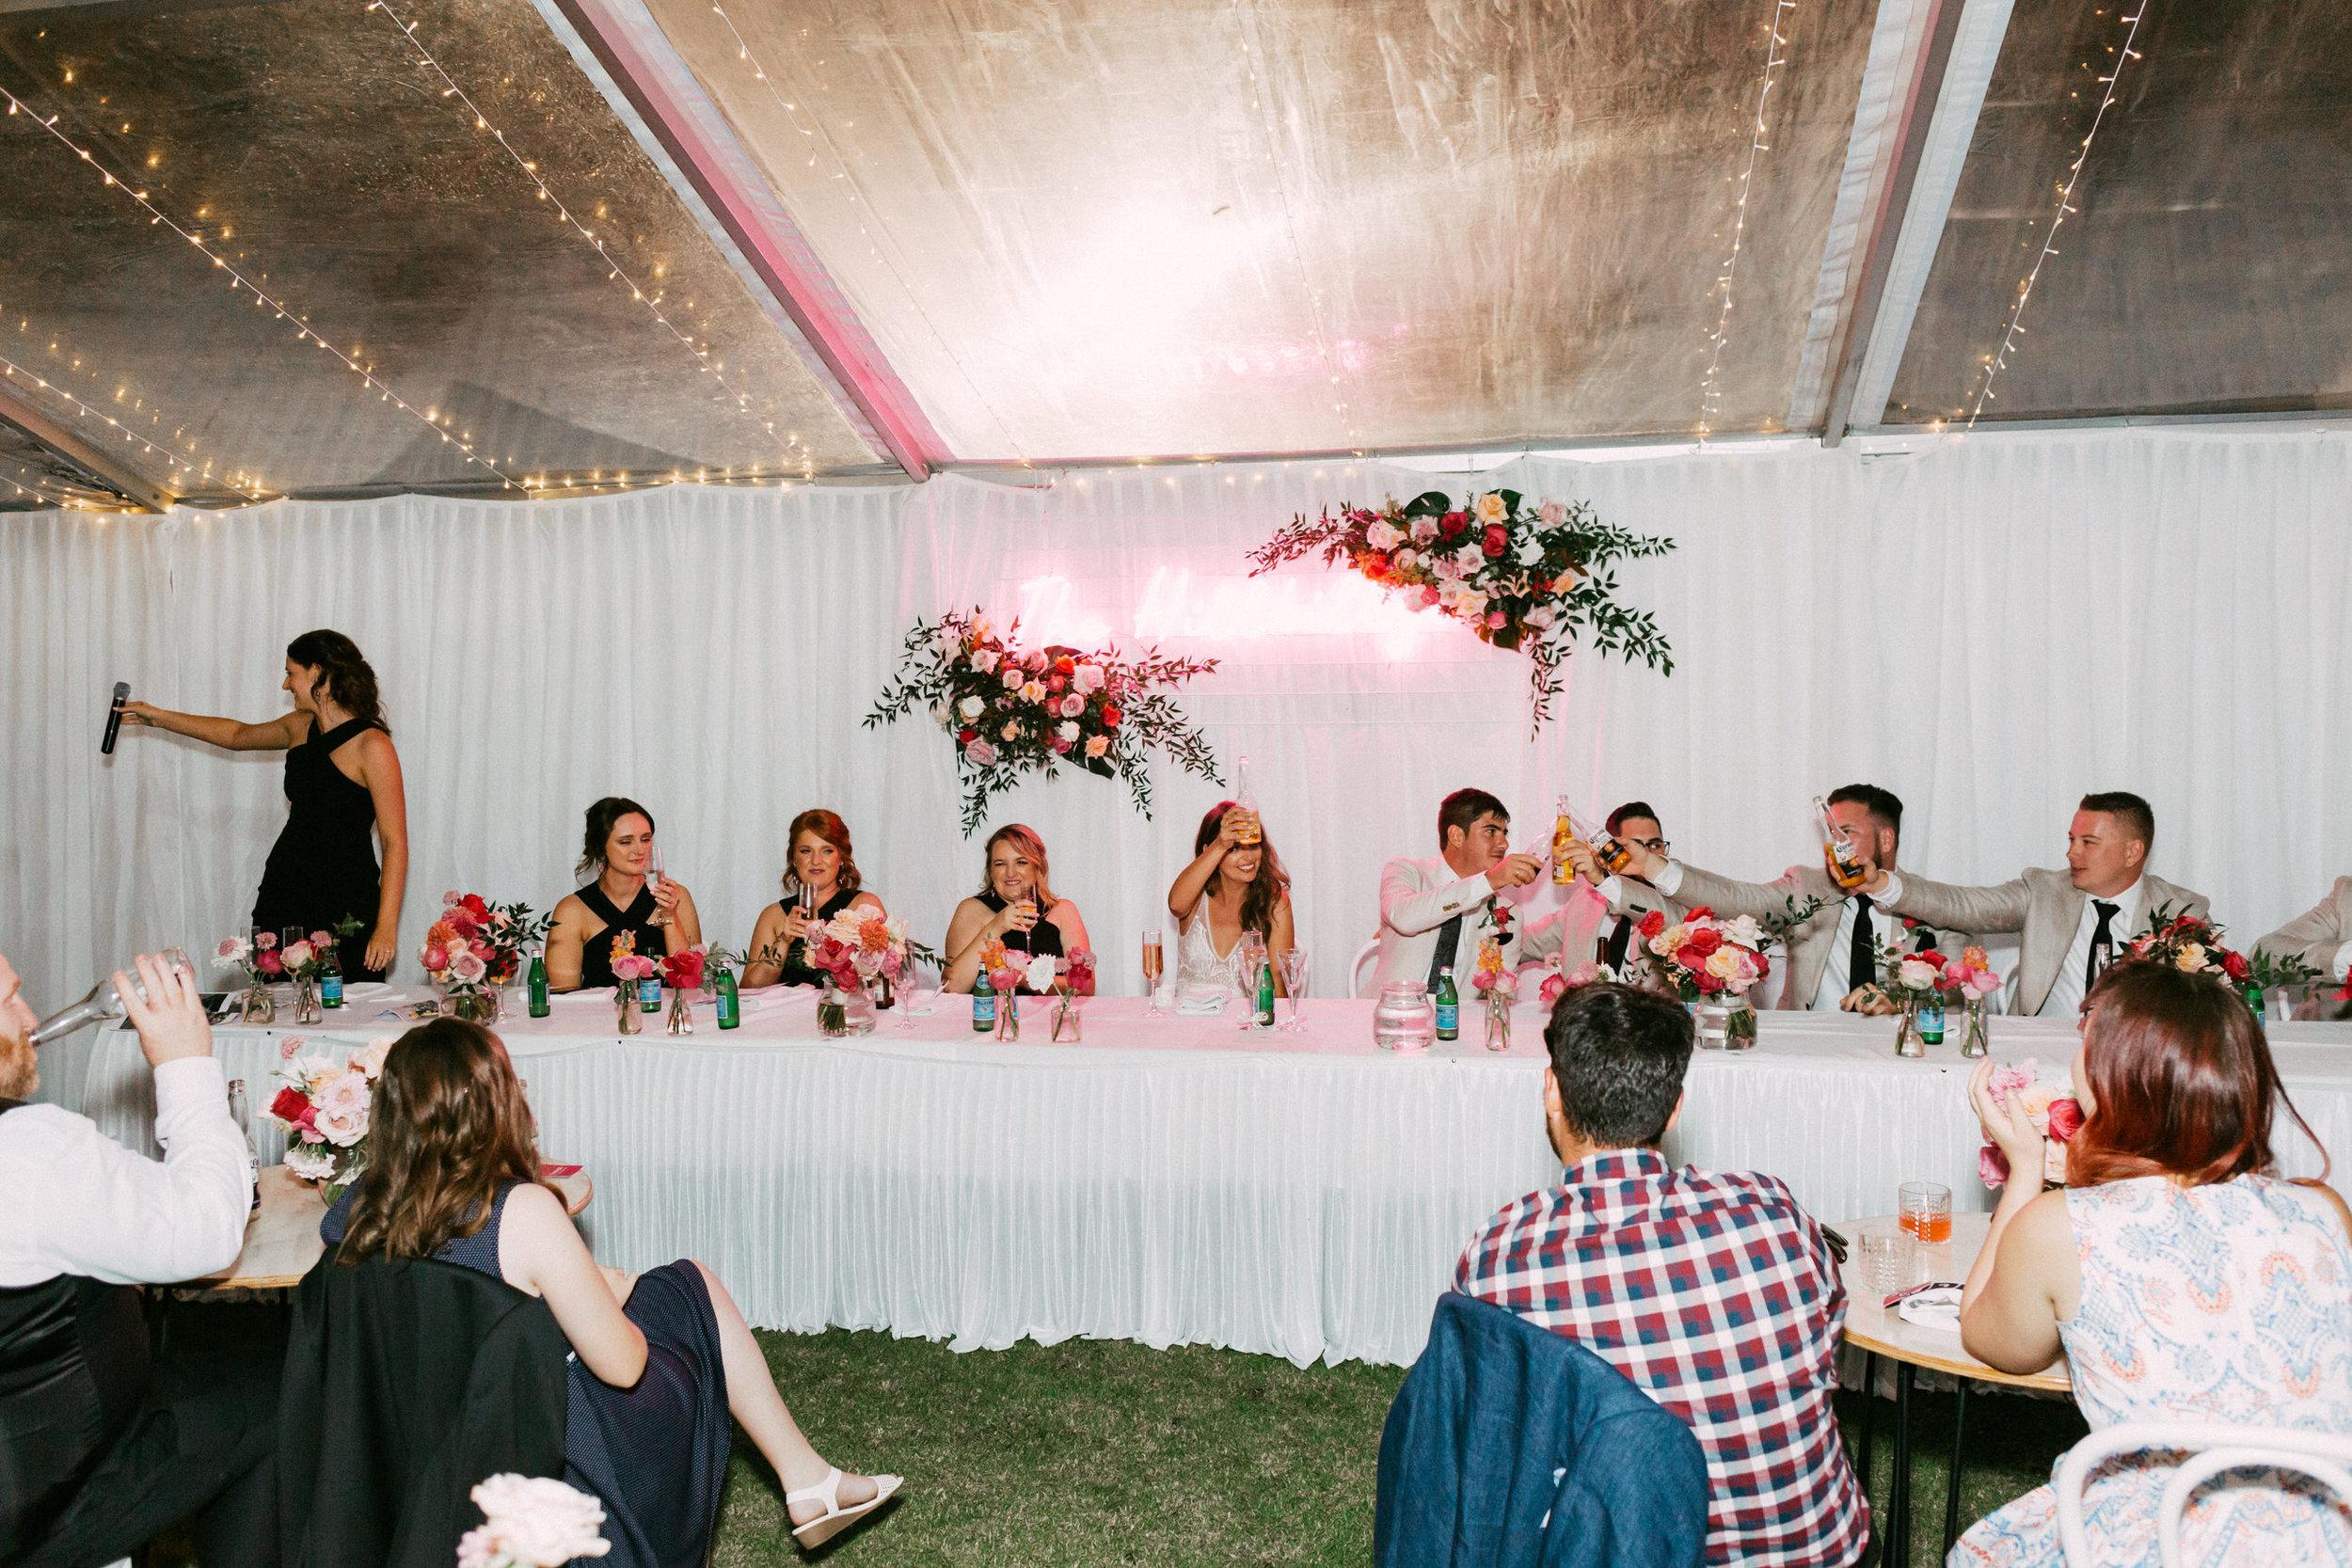 Adelaide City Fringe Garden Unearthly Delight Wedding 113.jpg